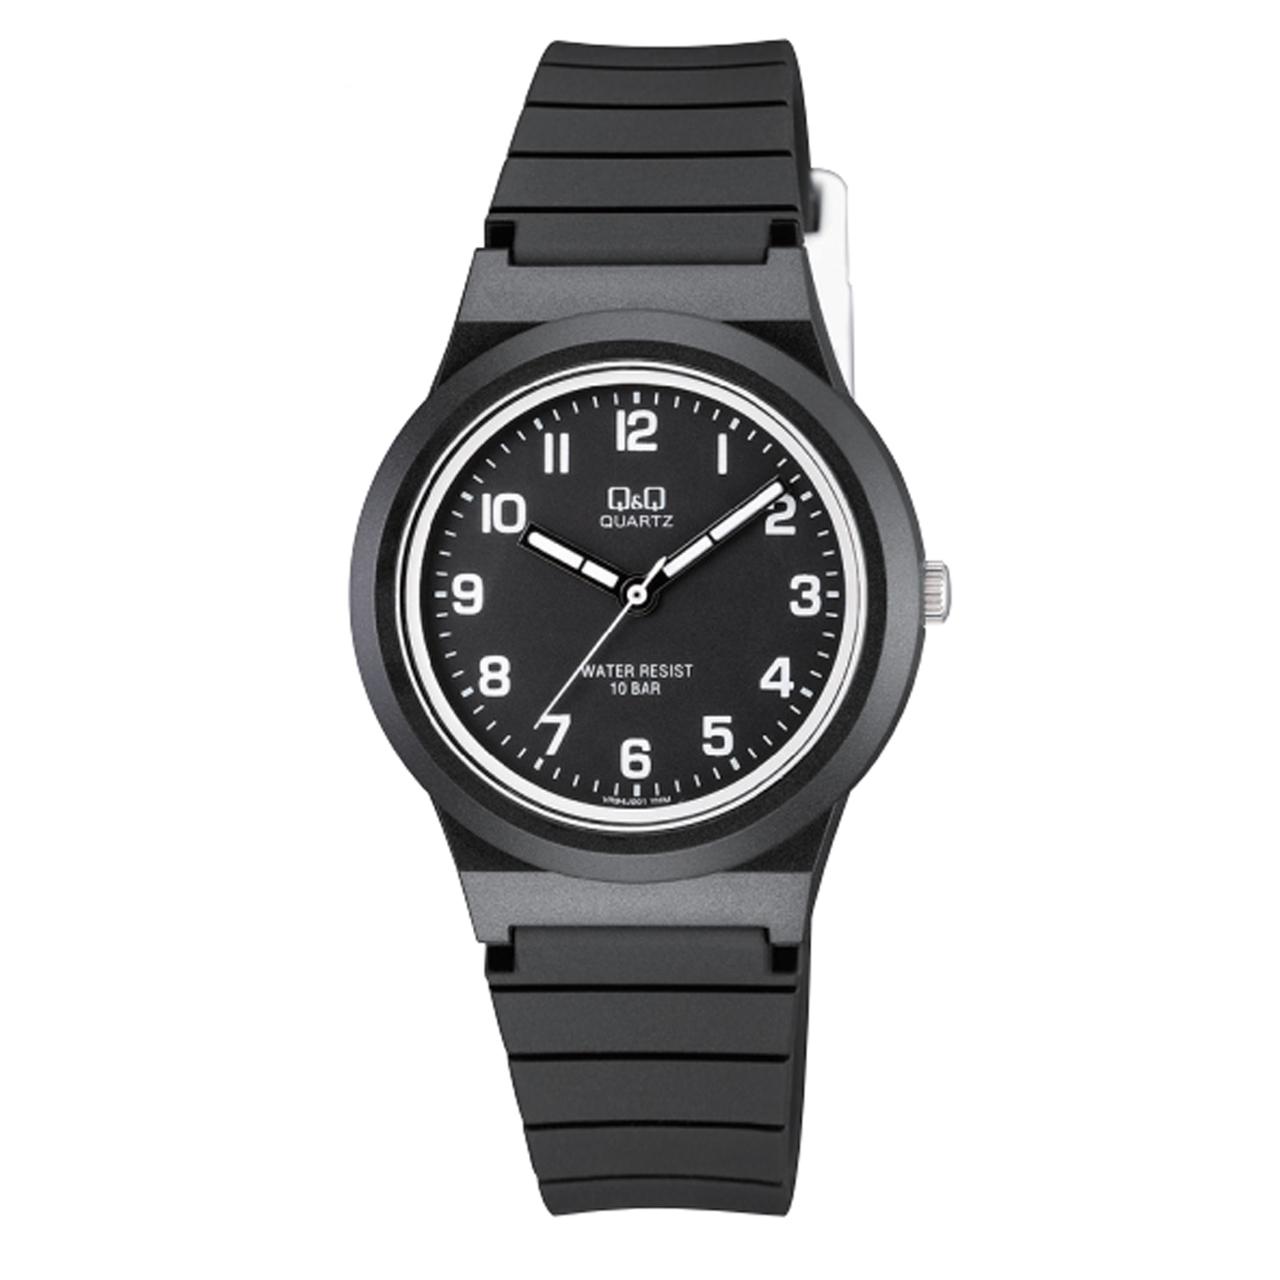 ساعت مچی عقربه ای پسرانه کیو اند کیو مدل vr94j001y  به همراه دستمال مخصوص برند کلین واچ